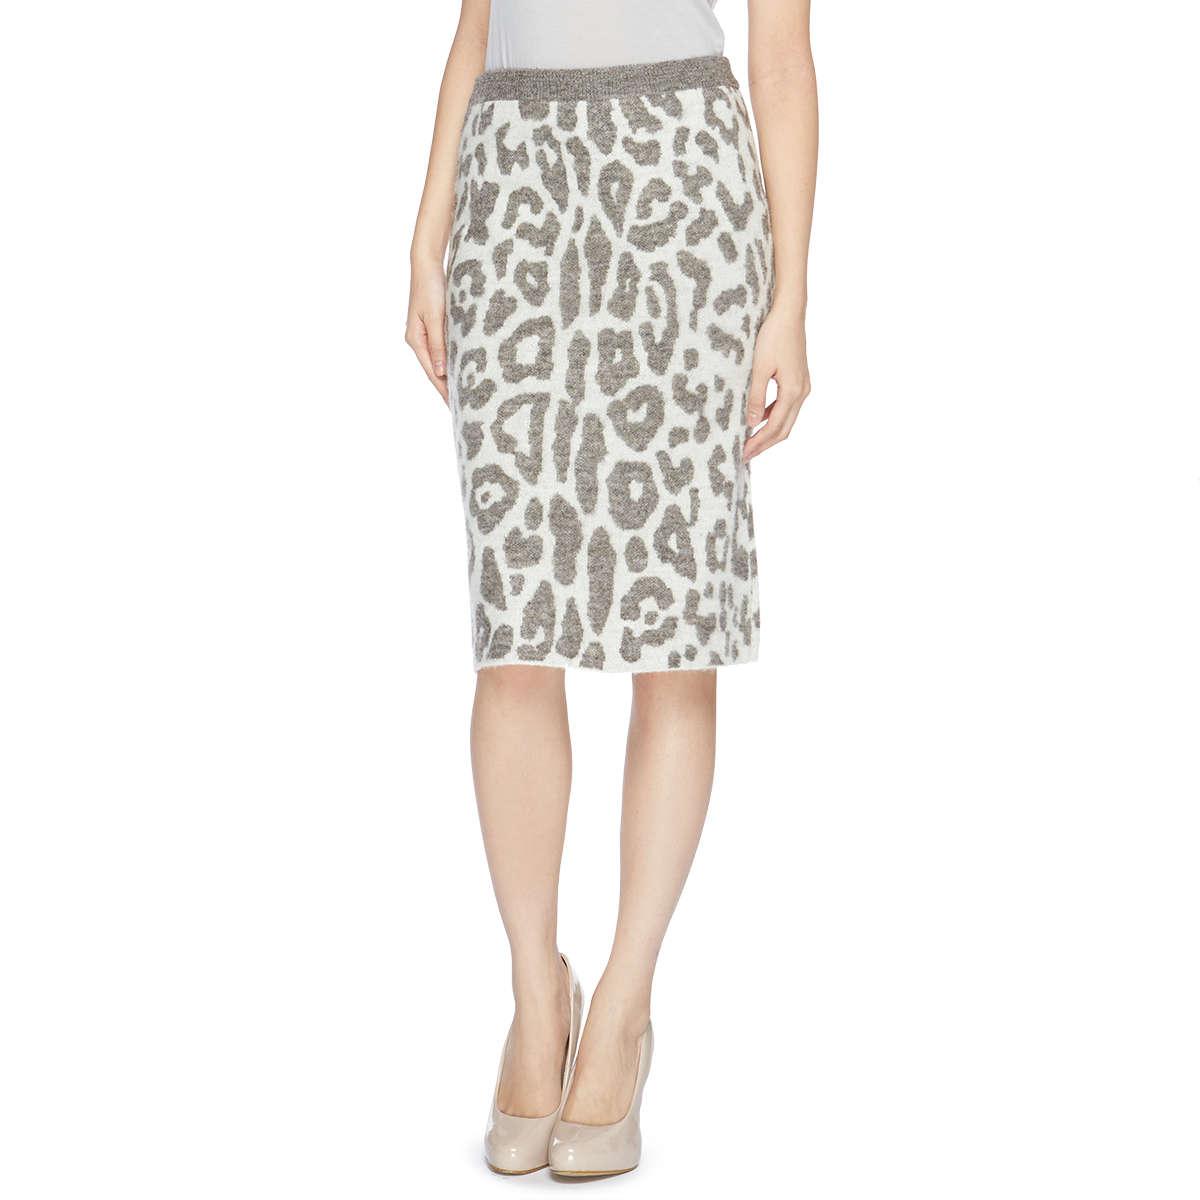 動物斑紋提花緊身裙